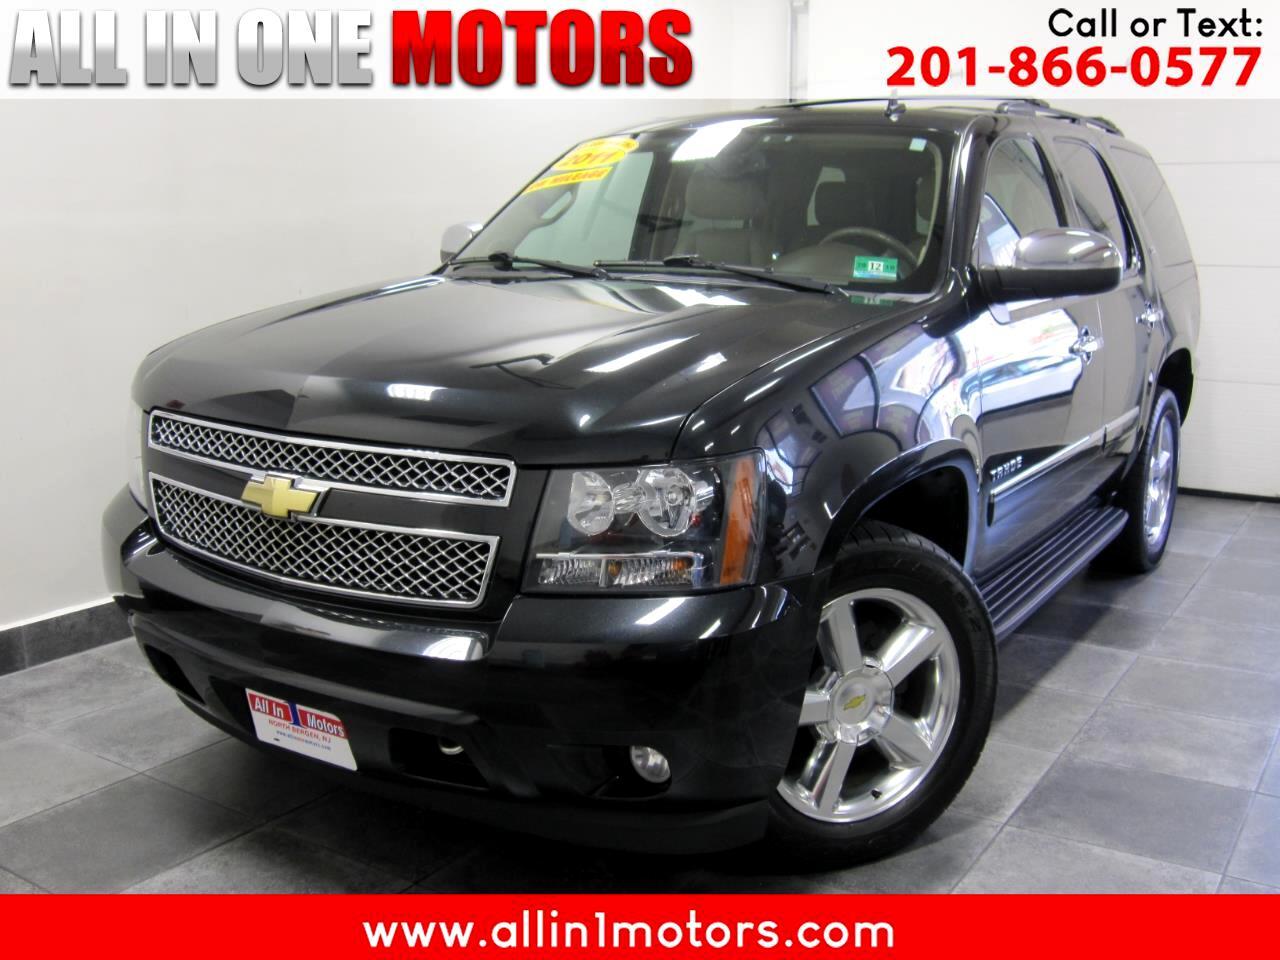 2011 Chevrolet Tahoe 4WD 4dr 1500 LTZ